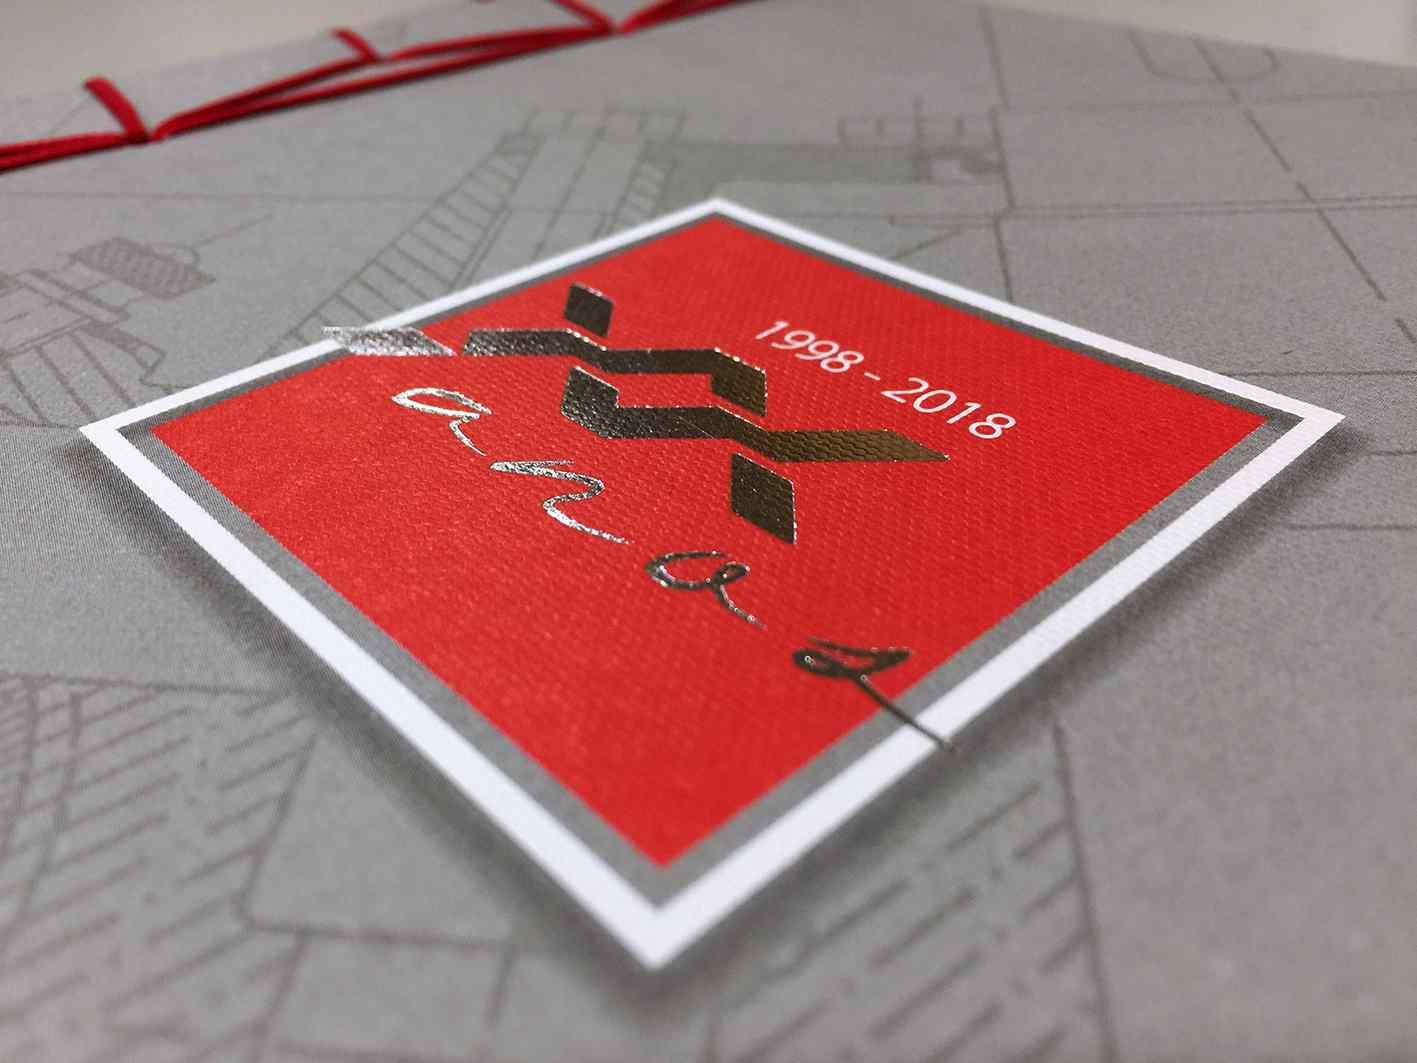 acabamento costura artes gráficas com capa estampada